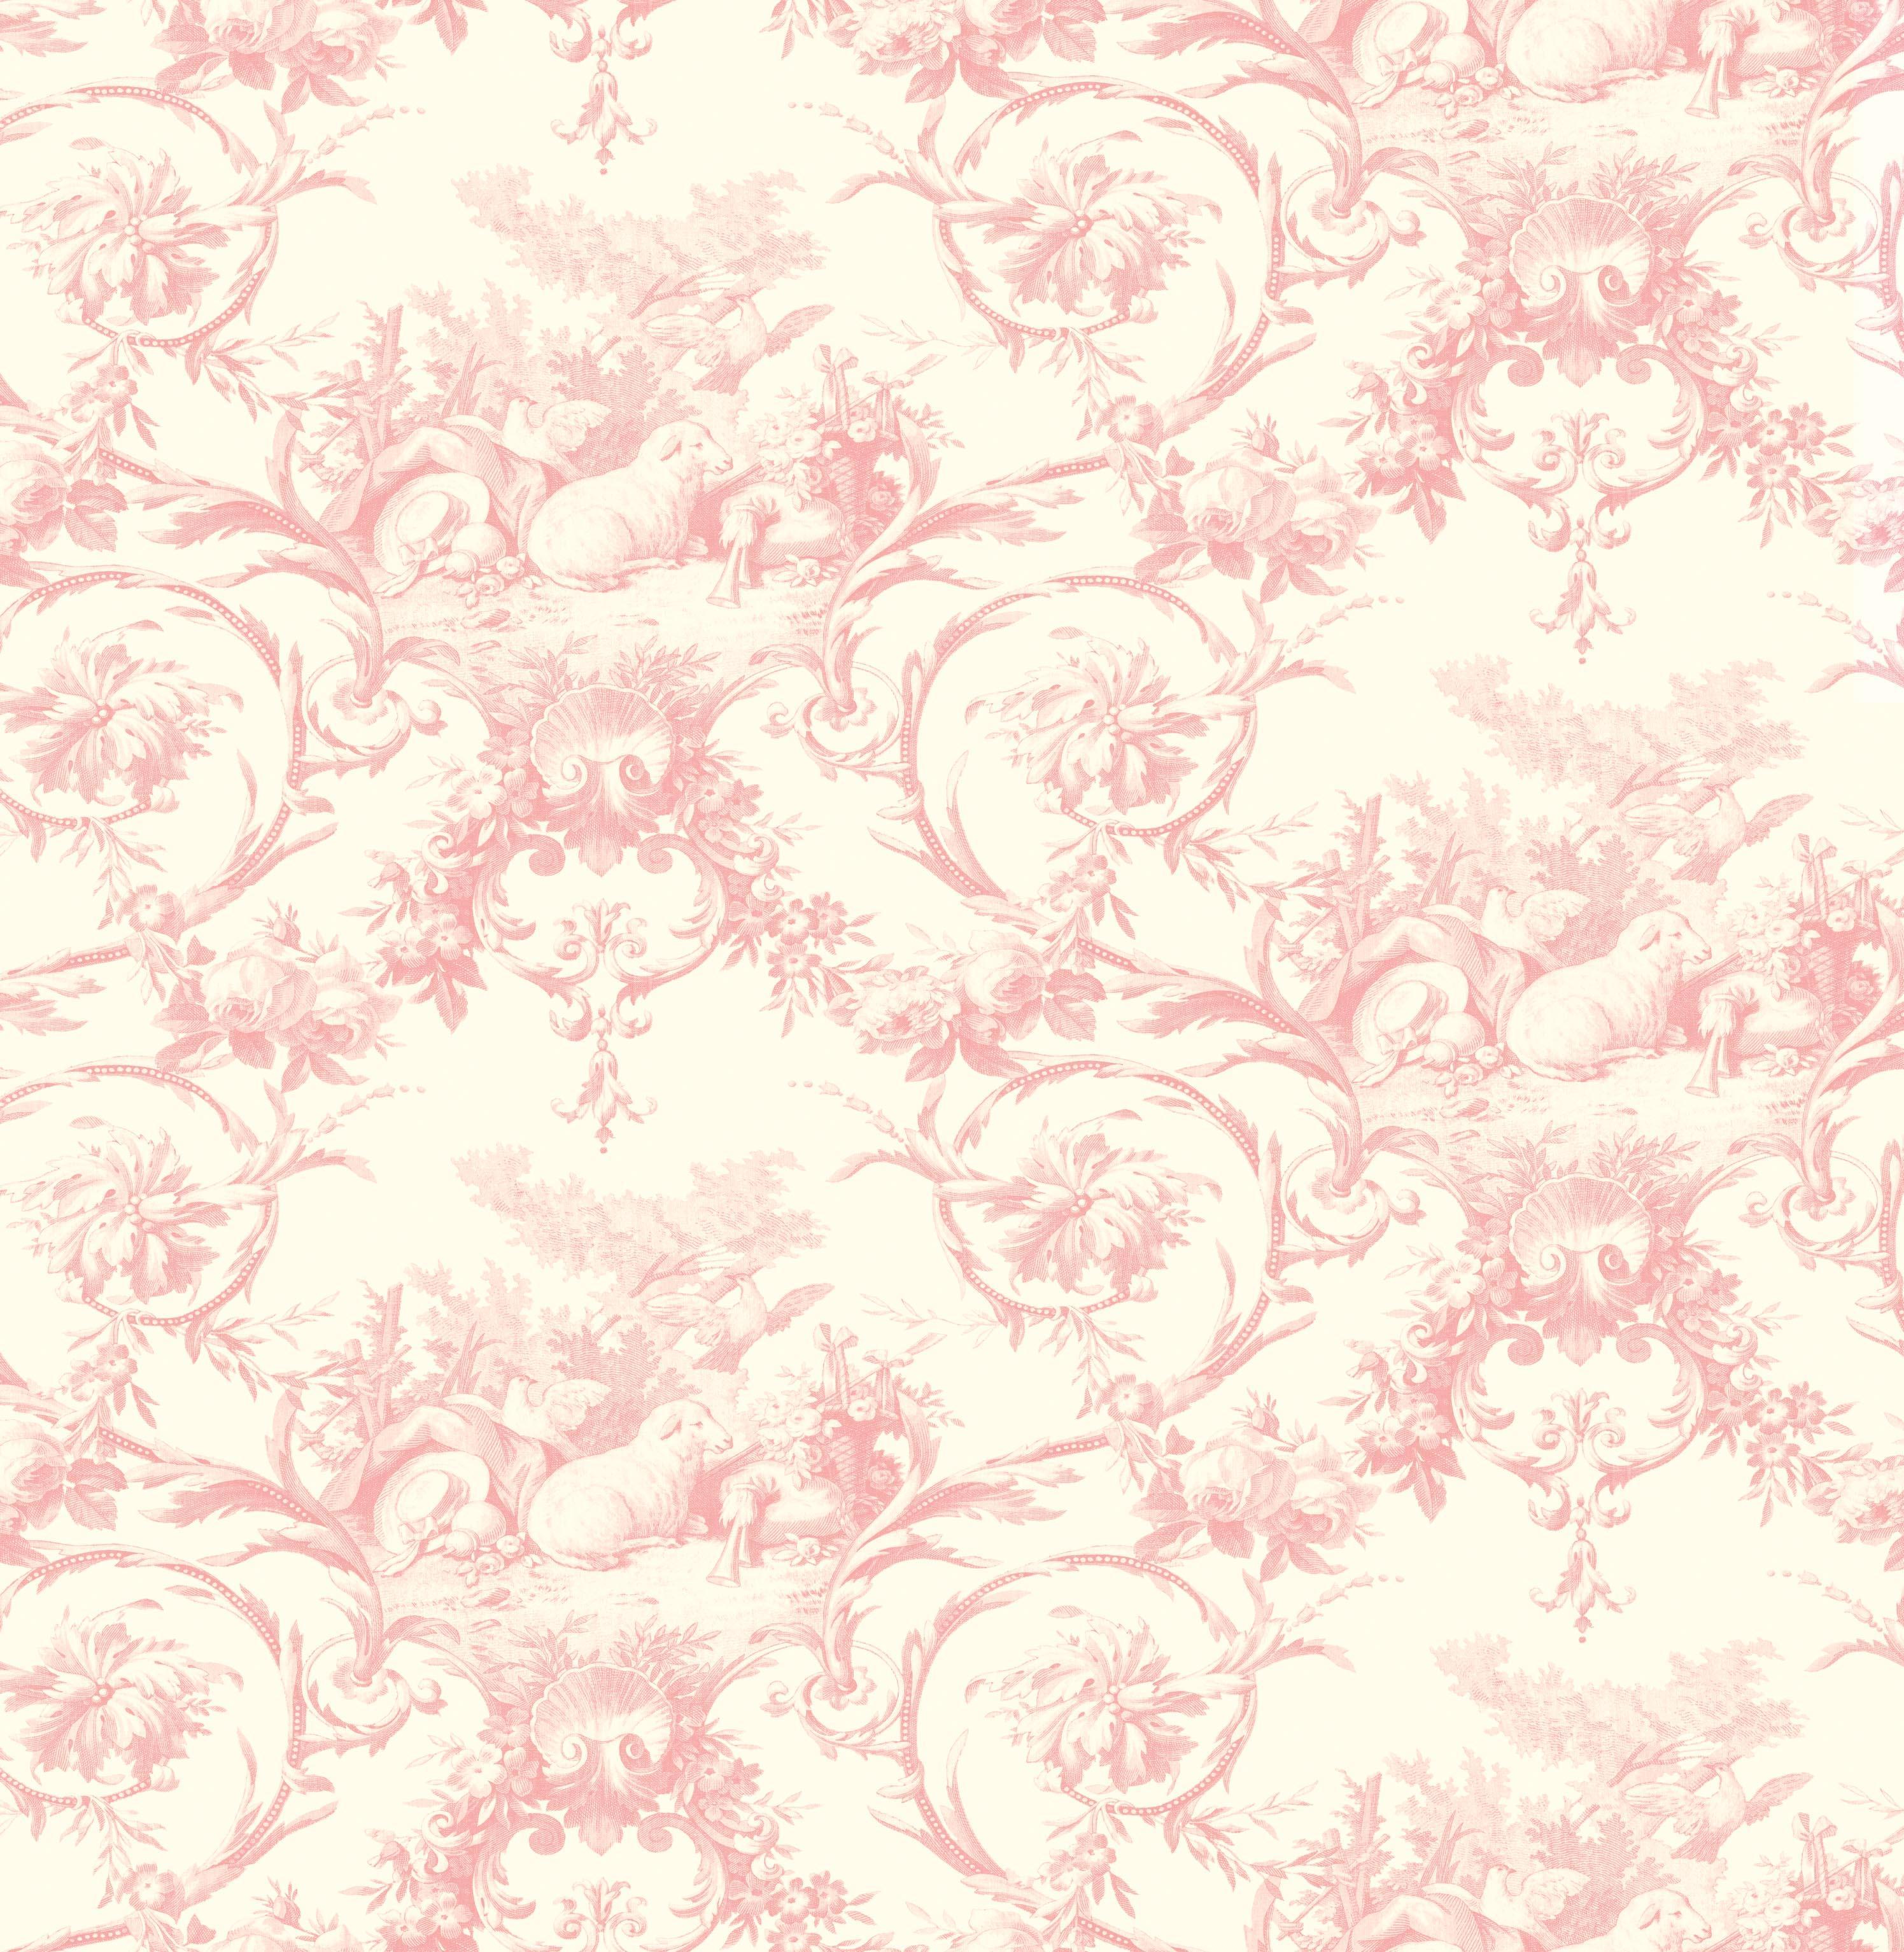 Wall Murals Stick On Brewster Wallpaper Kennedy Pink Modern Toile Wallpaper